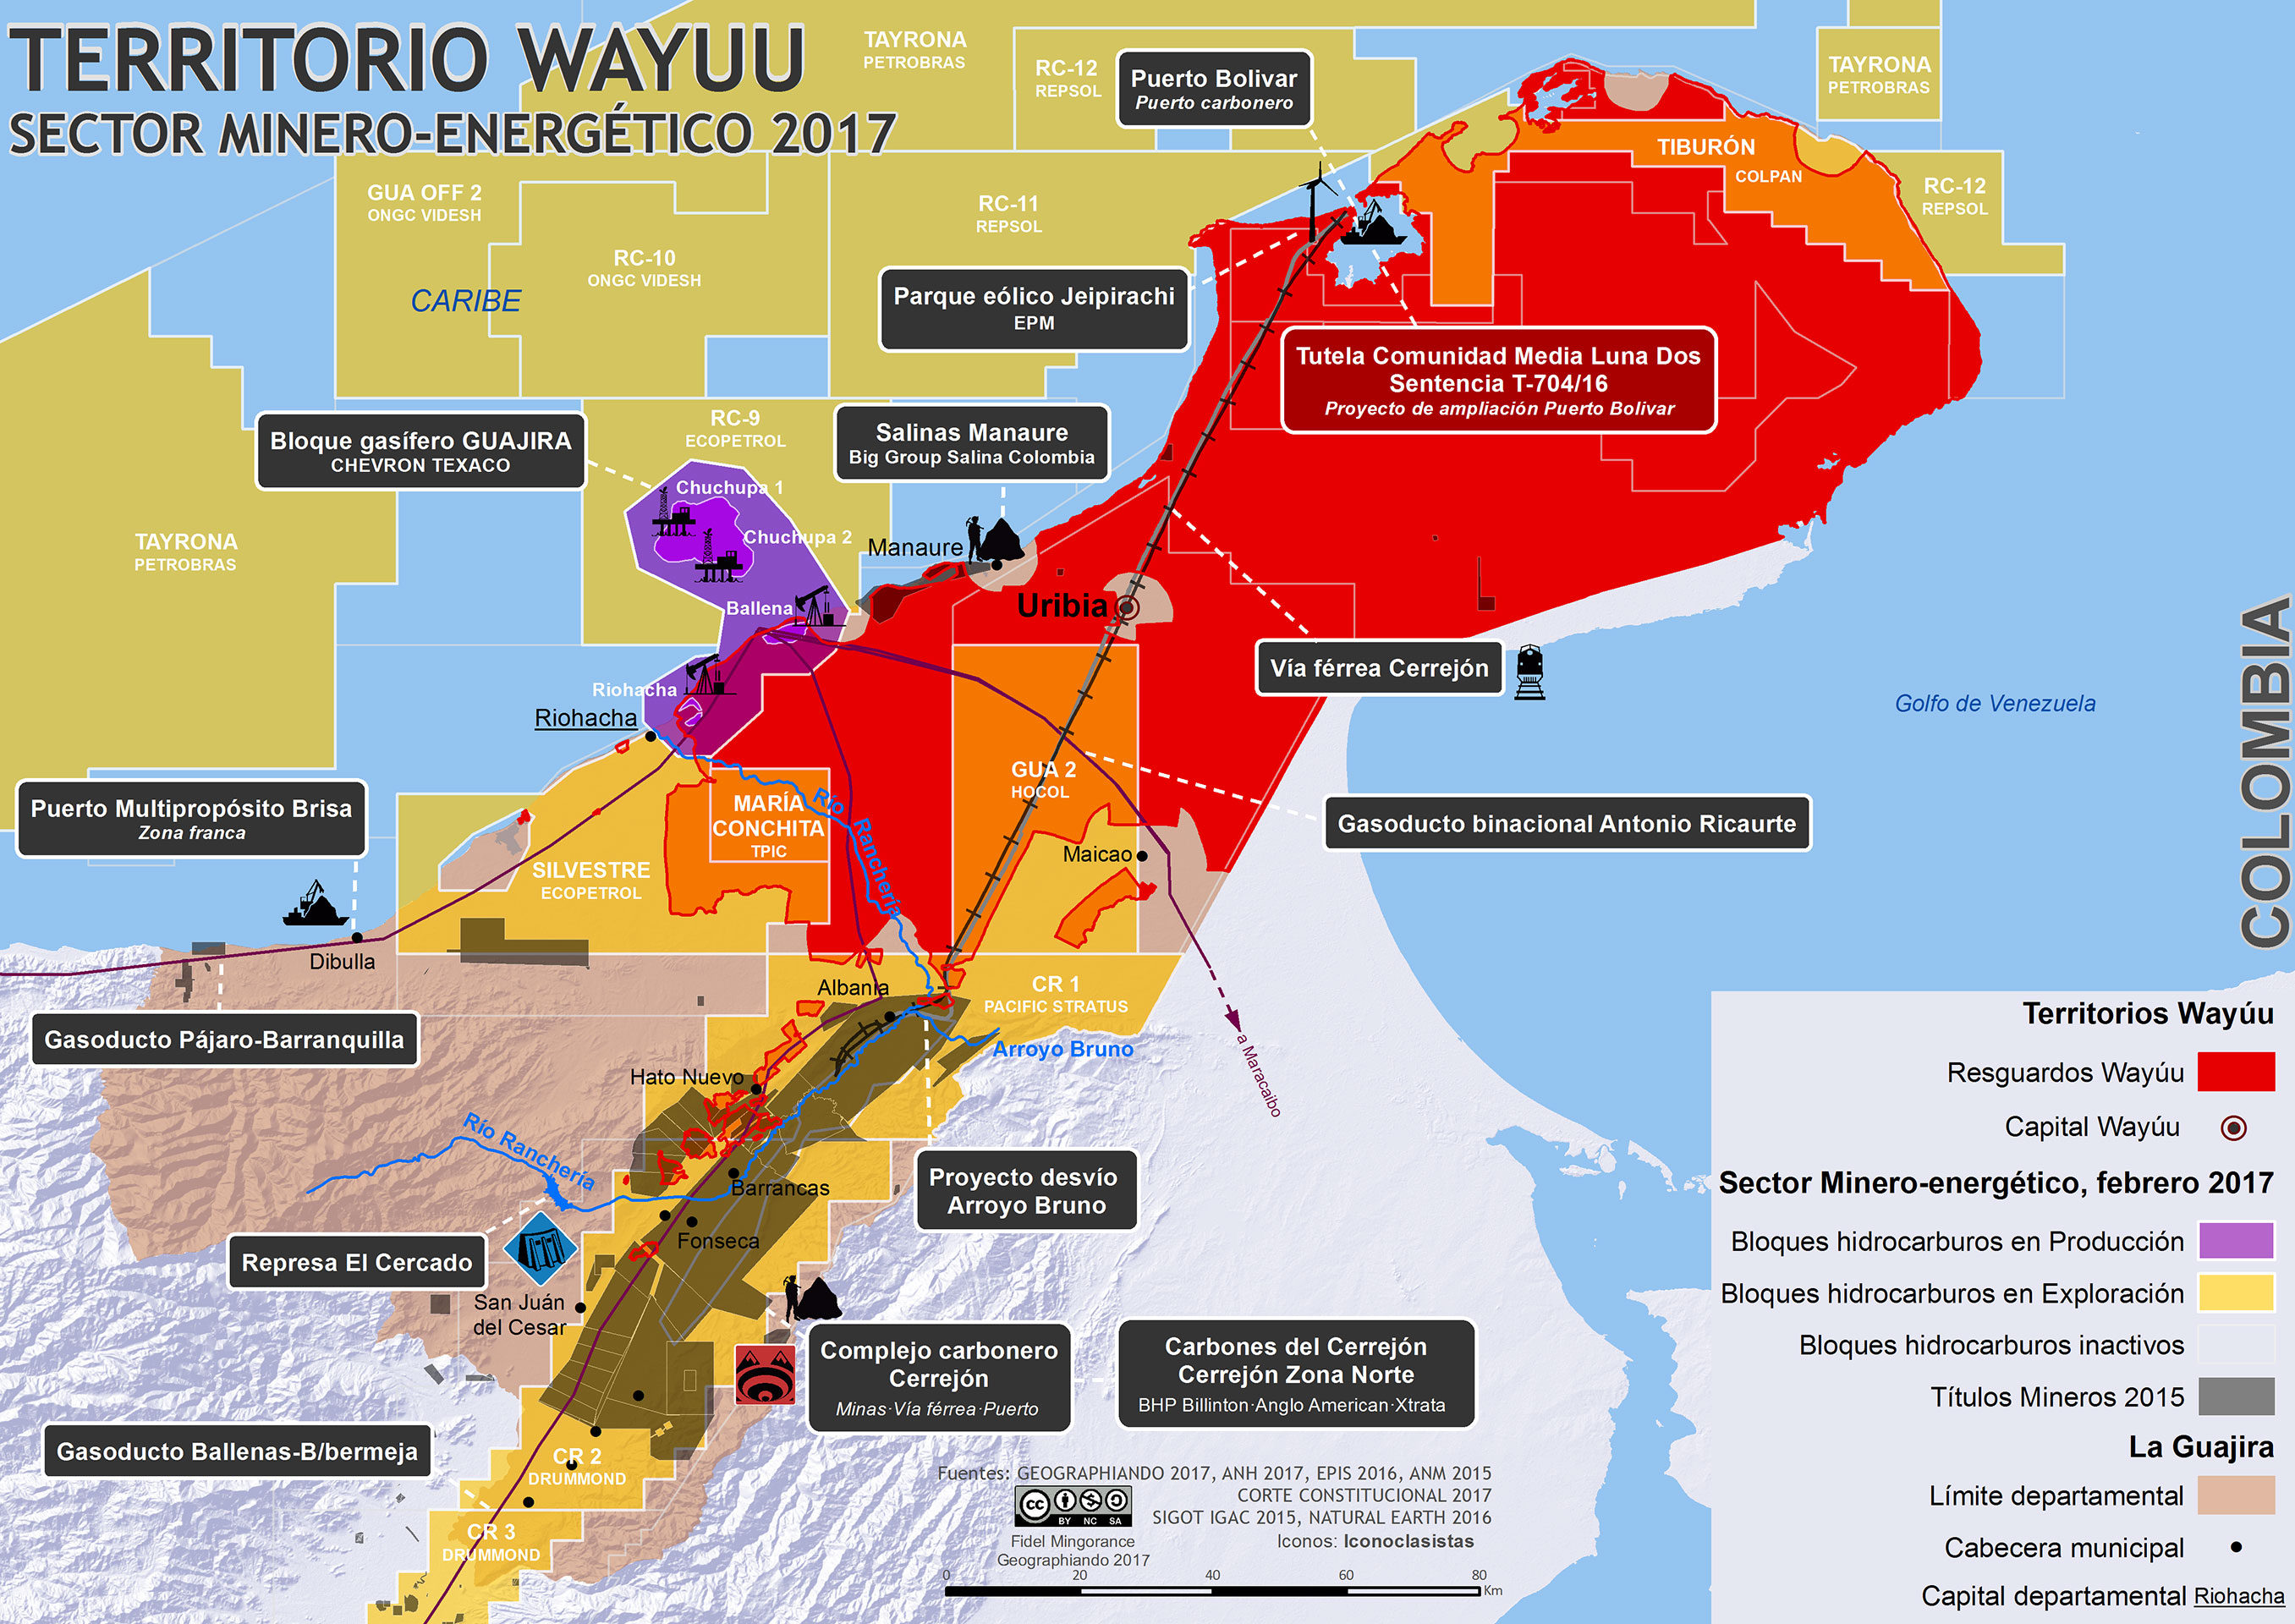 Territorios WAYUU y proyectos minero-energeticos (2017)